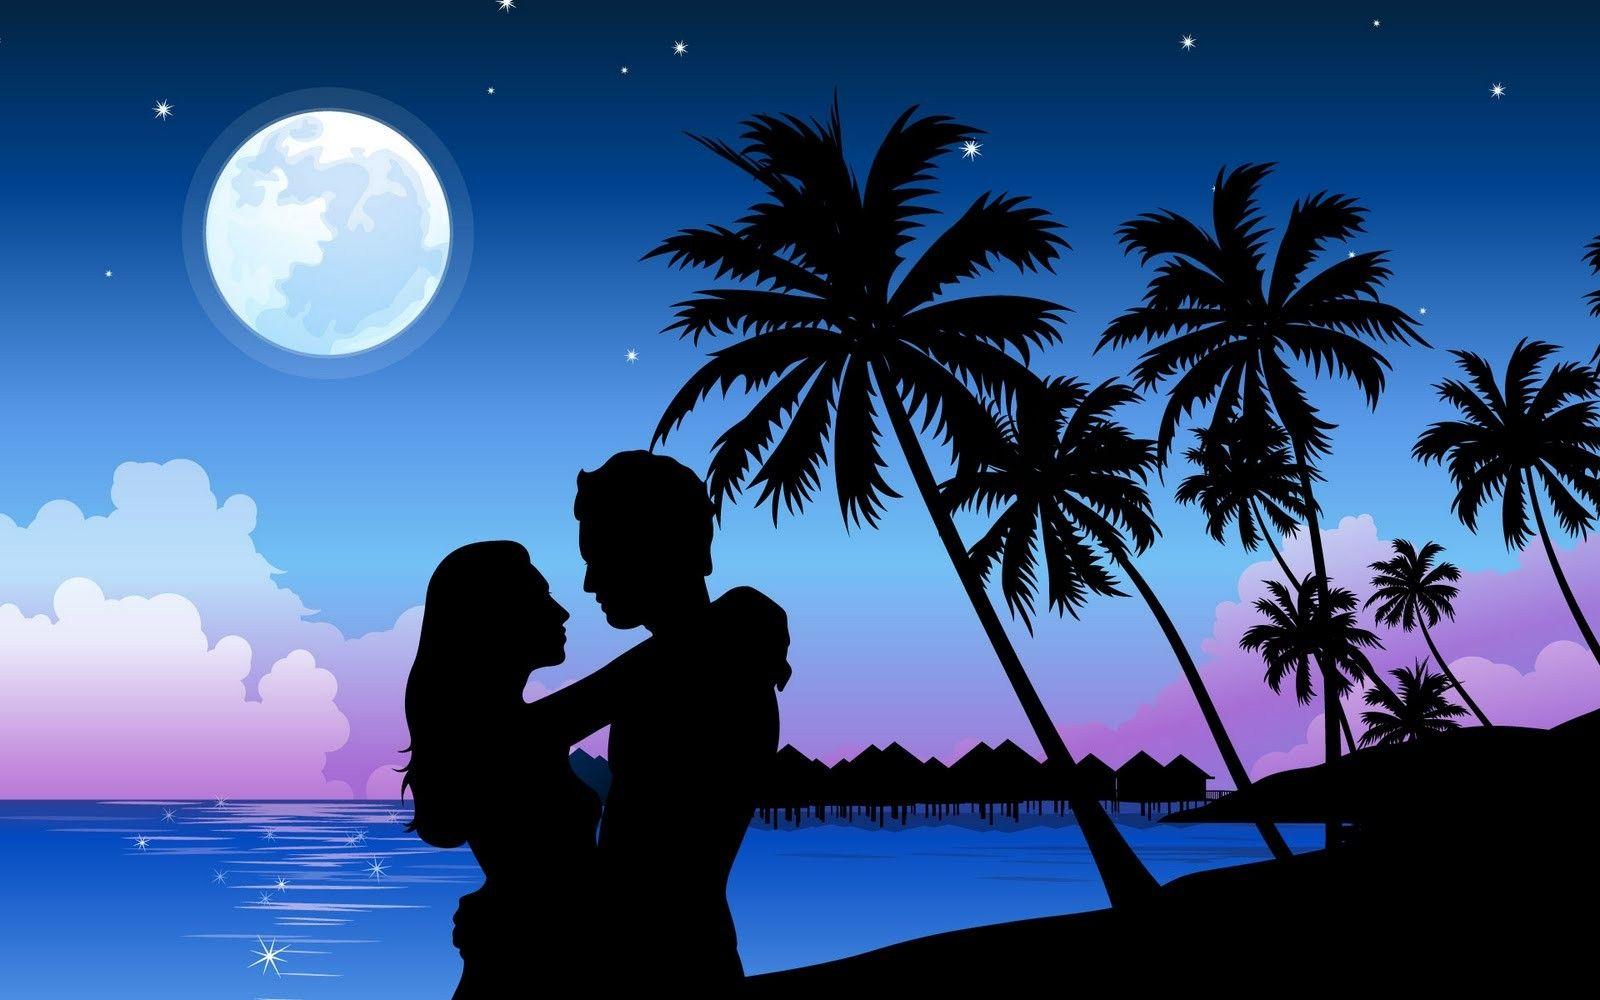 Popular Wallpaper High Resolution Romantic - 52c31a06669485dffc0d7de170e17d45  You Should Have_20169.jpg